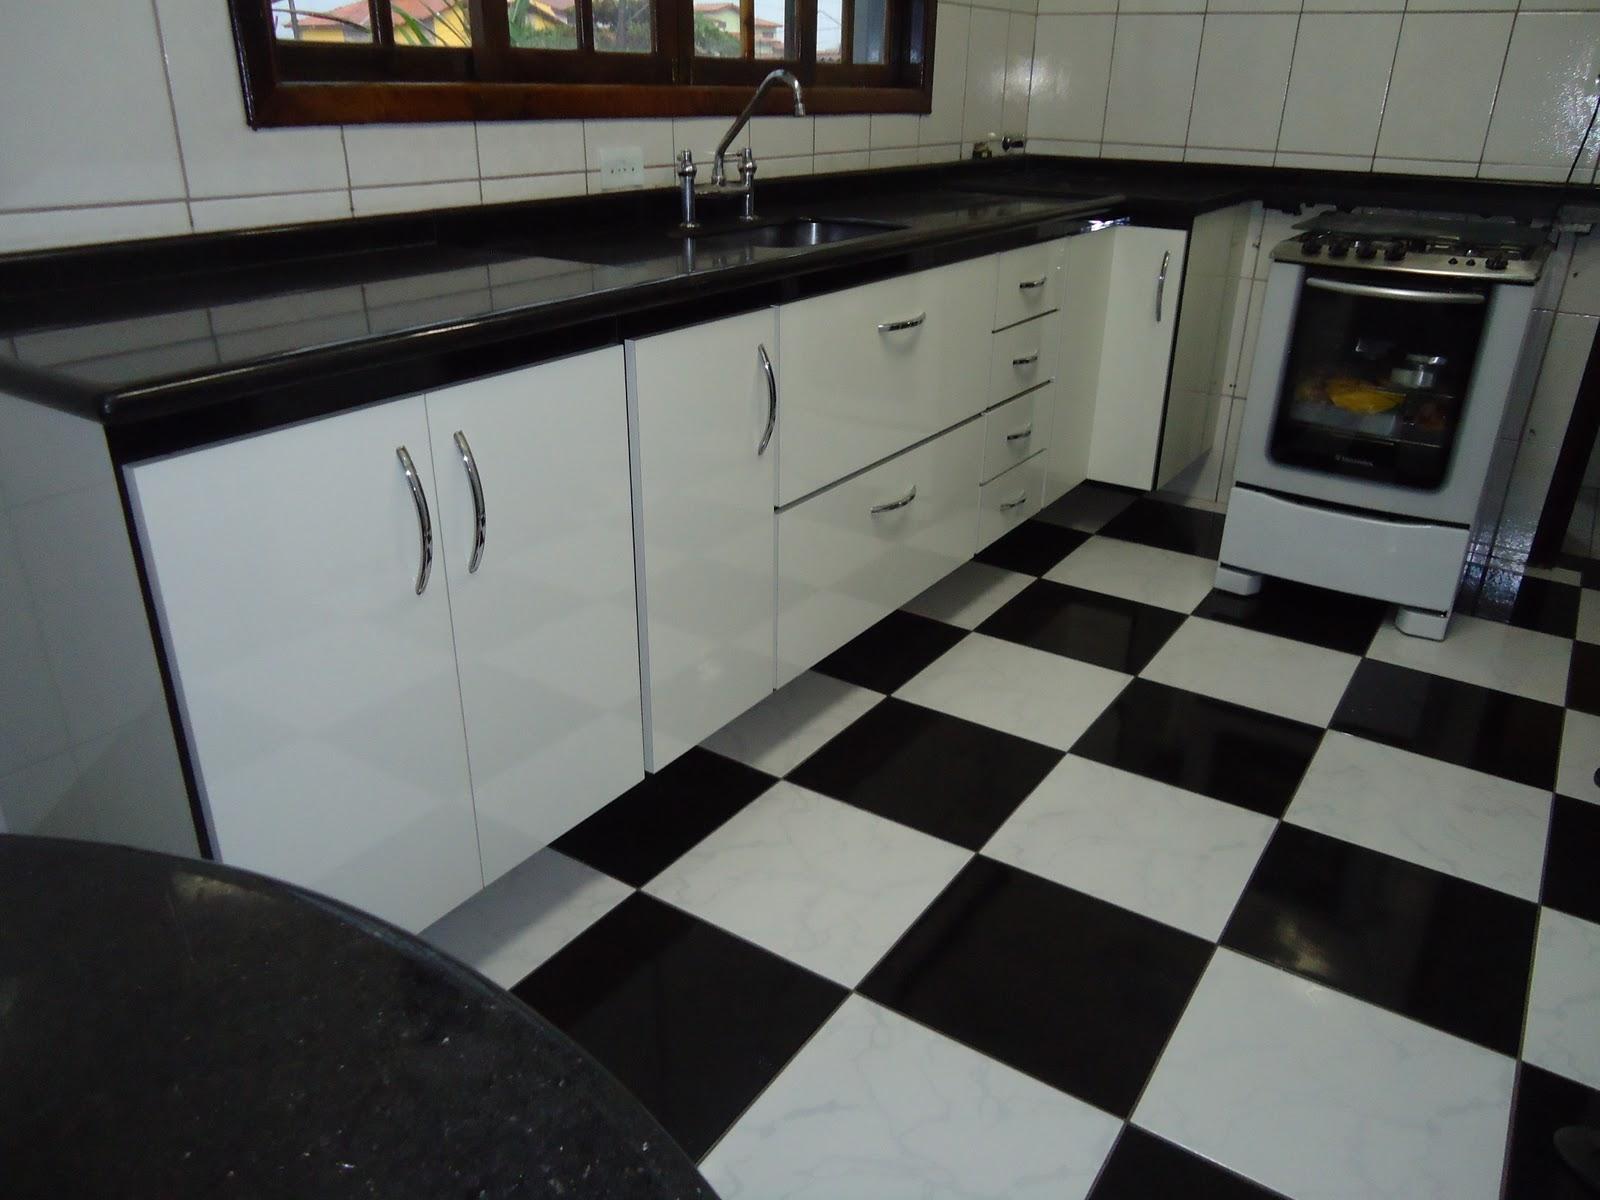 Marcenaria Ply Wood: Gabinete de pia de cozinha #5A6C71 1600 1200